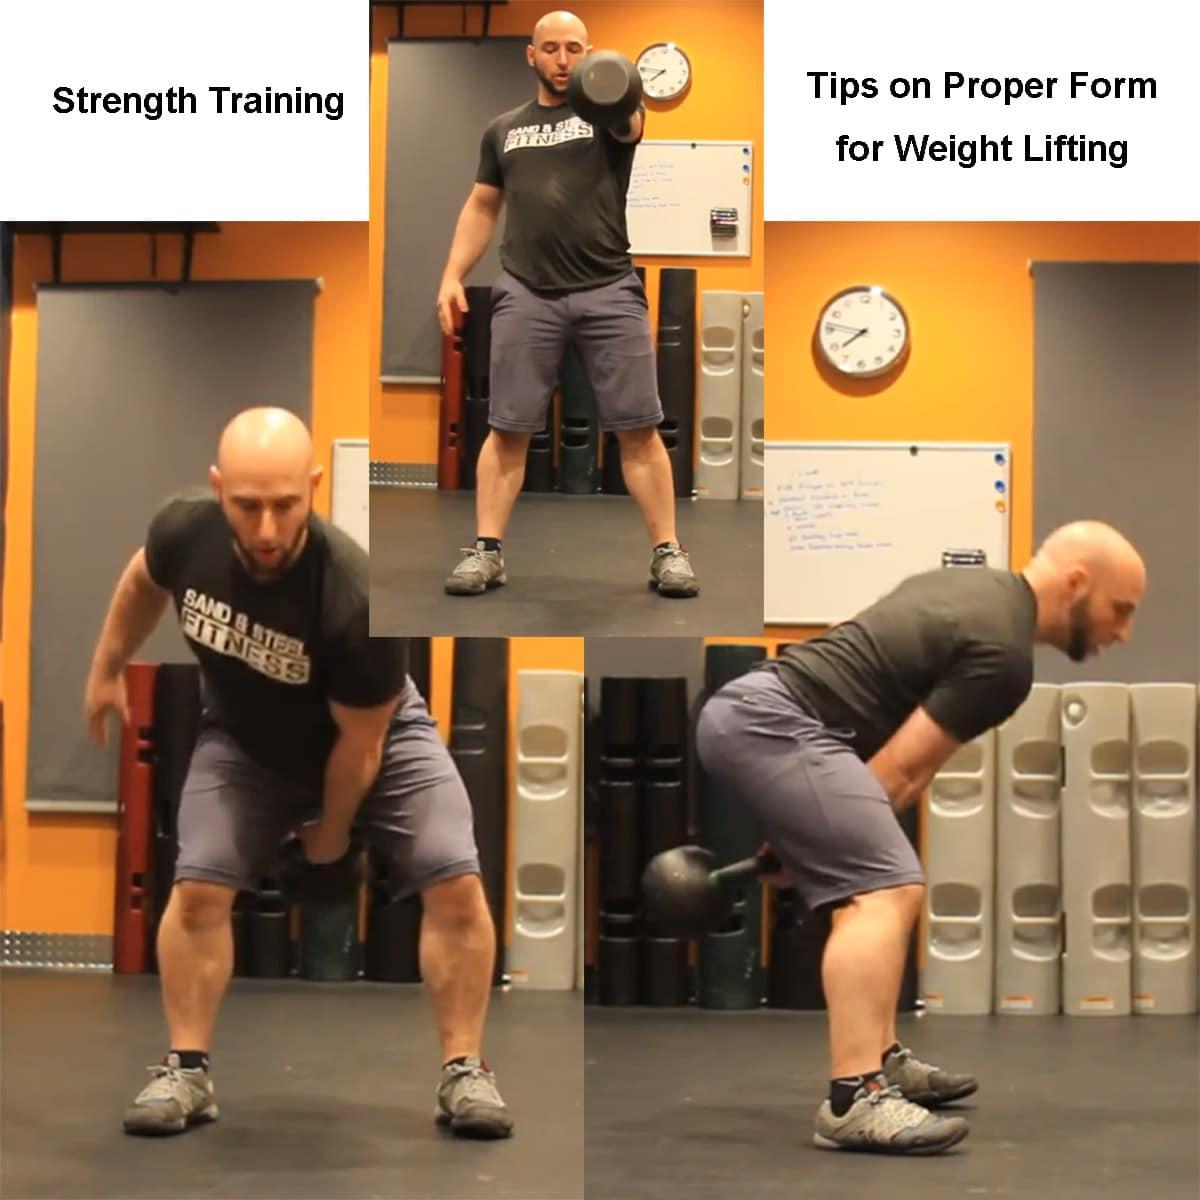 Strength Training Alexandria VA Proper Form